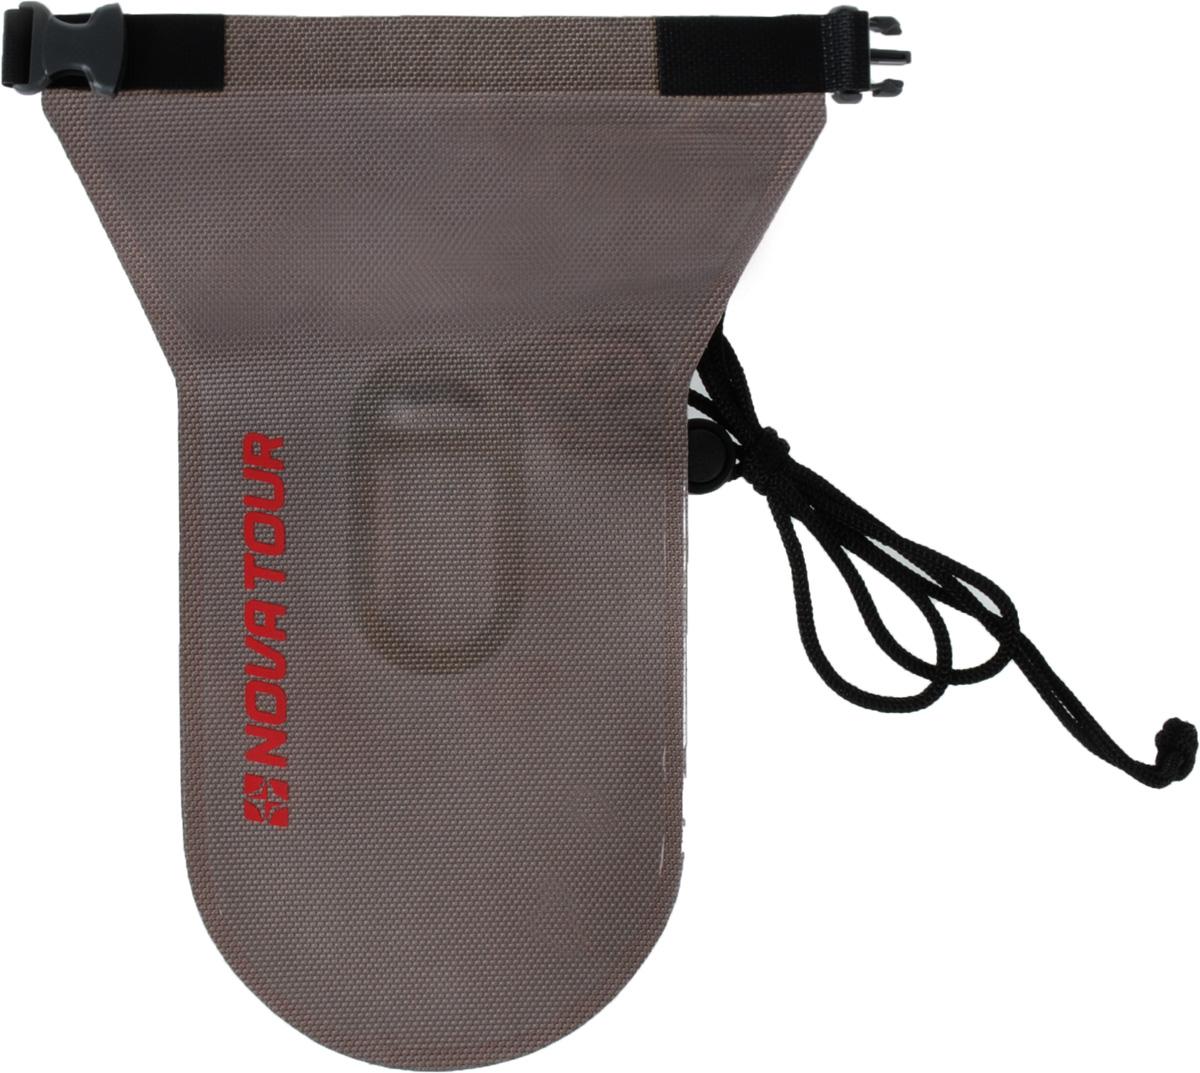 Гермоупаковка для смартфона Nova Tour Лайтпак, цвет: серый, 21 см х 27 смSLA-002Герметичная упаковка Nova Tour Лайтпак, позволяющая уберечь от воды и грязи фотоаппарат, смартфон и документы. Можно работать со смартфоном не вынимая его из чехла. Имеется регулирующийся шнурок для подвески на шею.